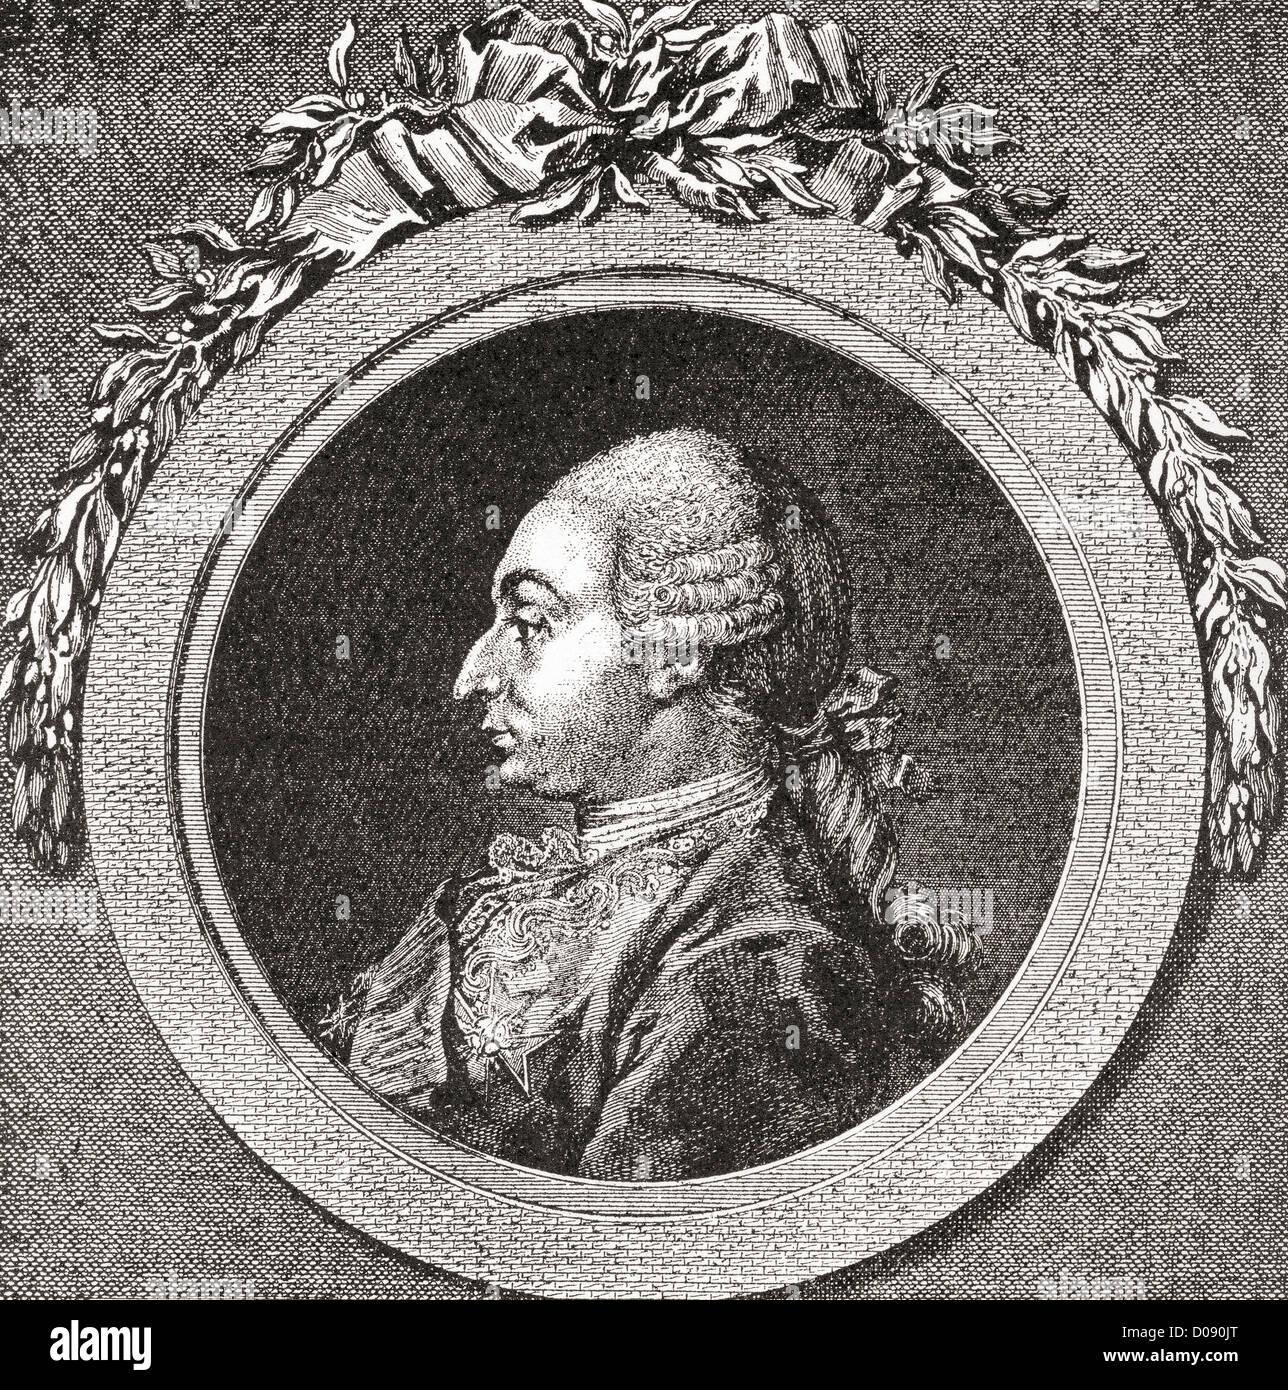 Marc Antoine René de Voyer, marchese de Paulmy e terzo Marchese d'Argenson, 1722- 1787. Diplomatico francese. Immagini Stock